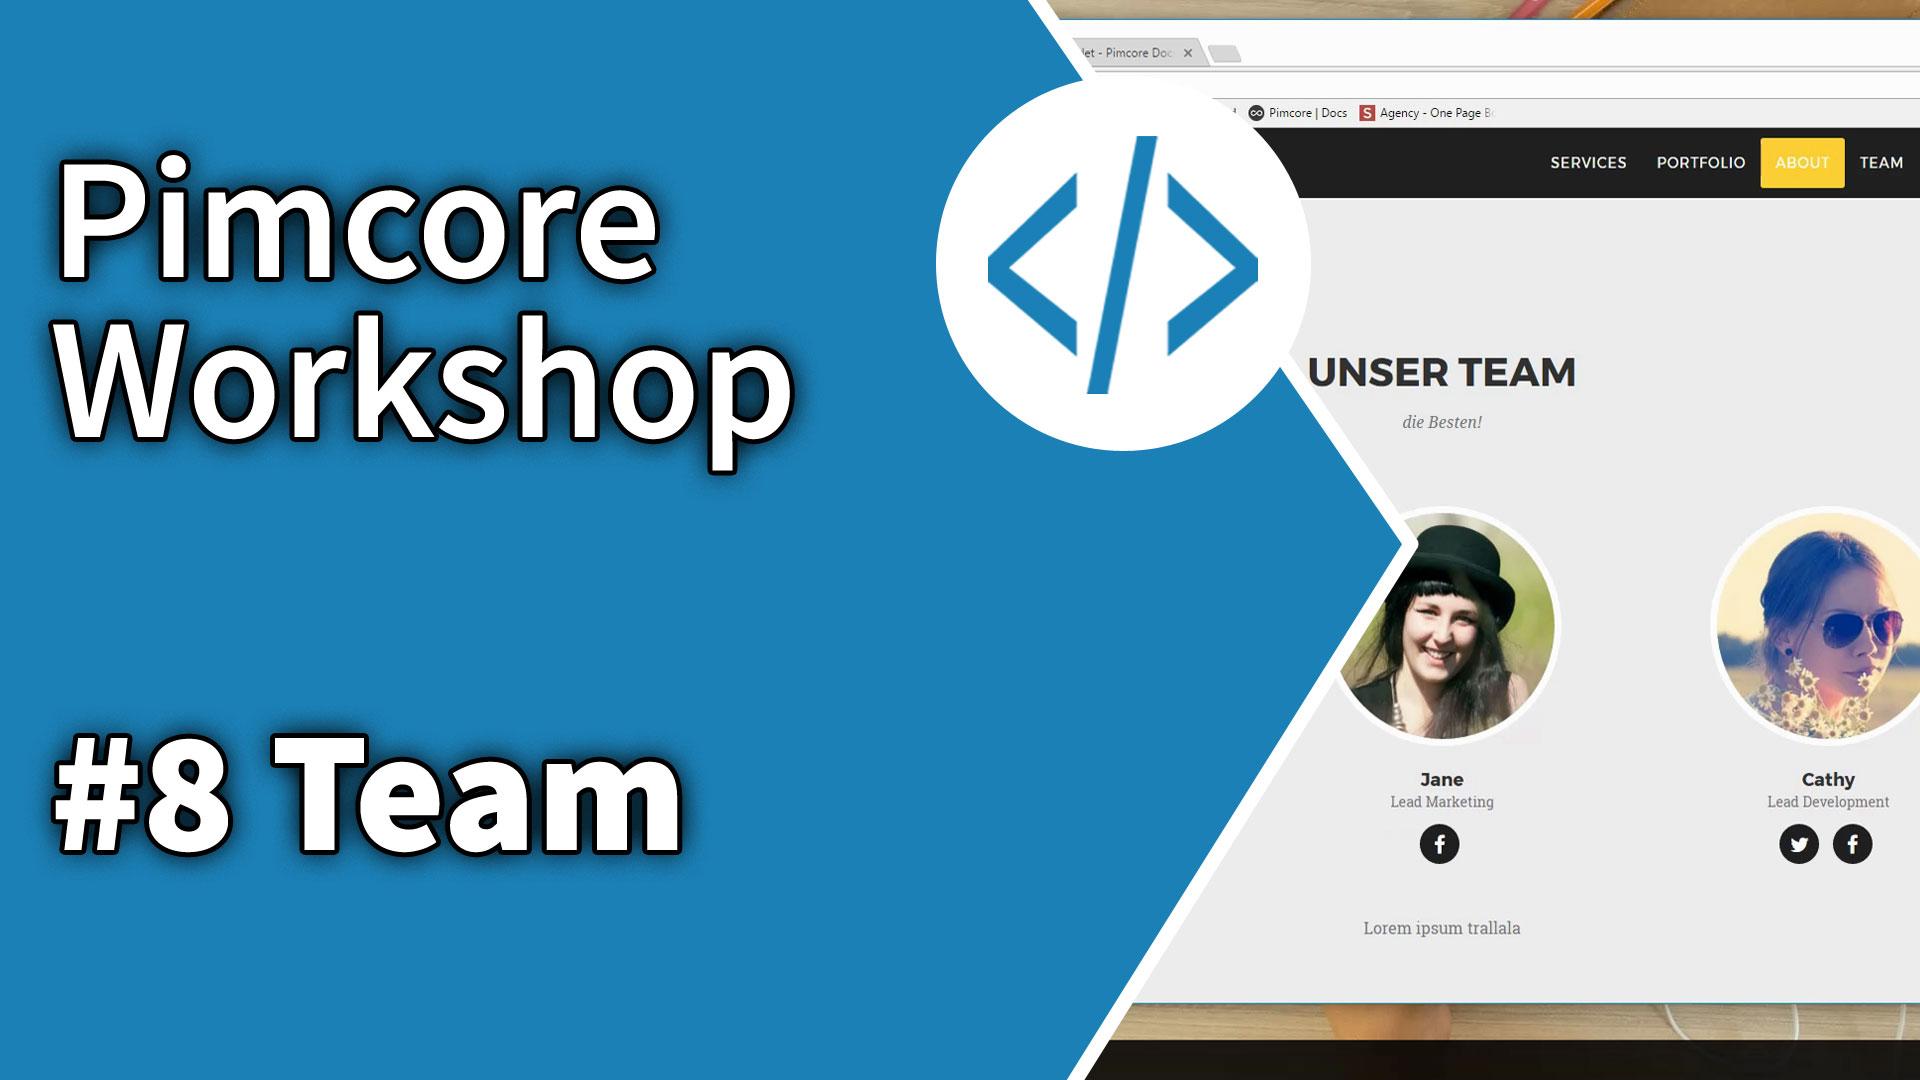 Pimcore Workshop: Team und Renderlets